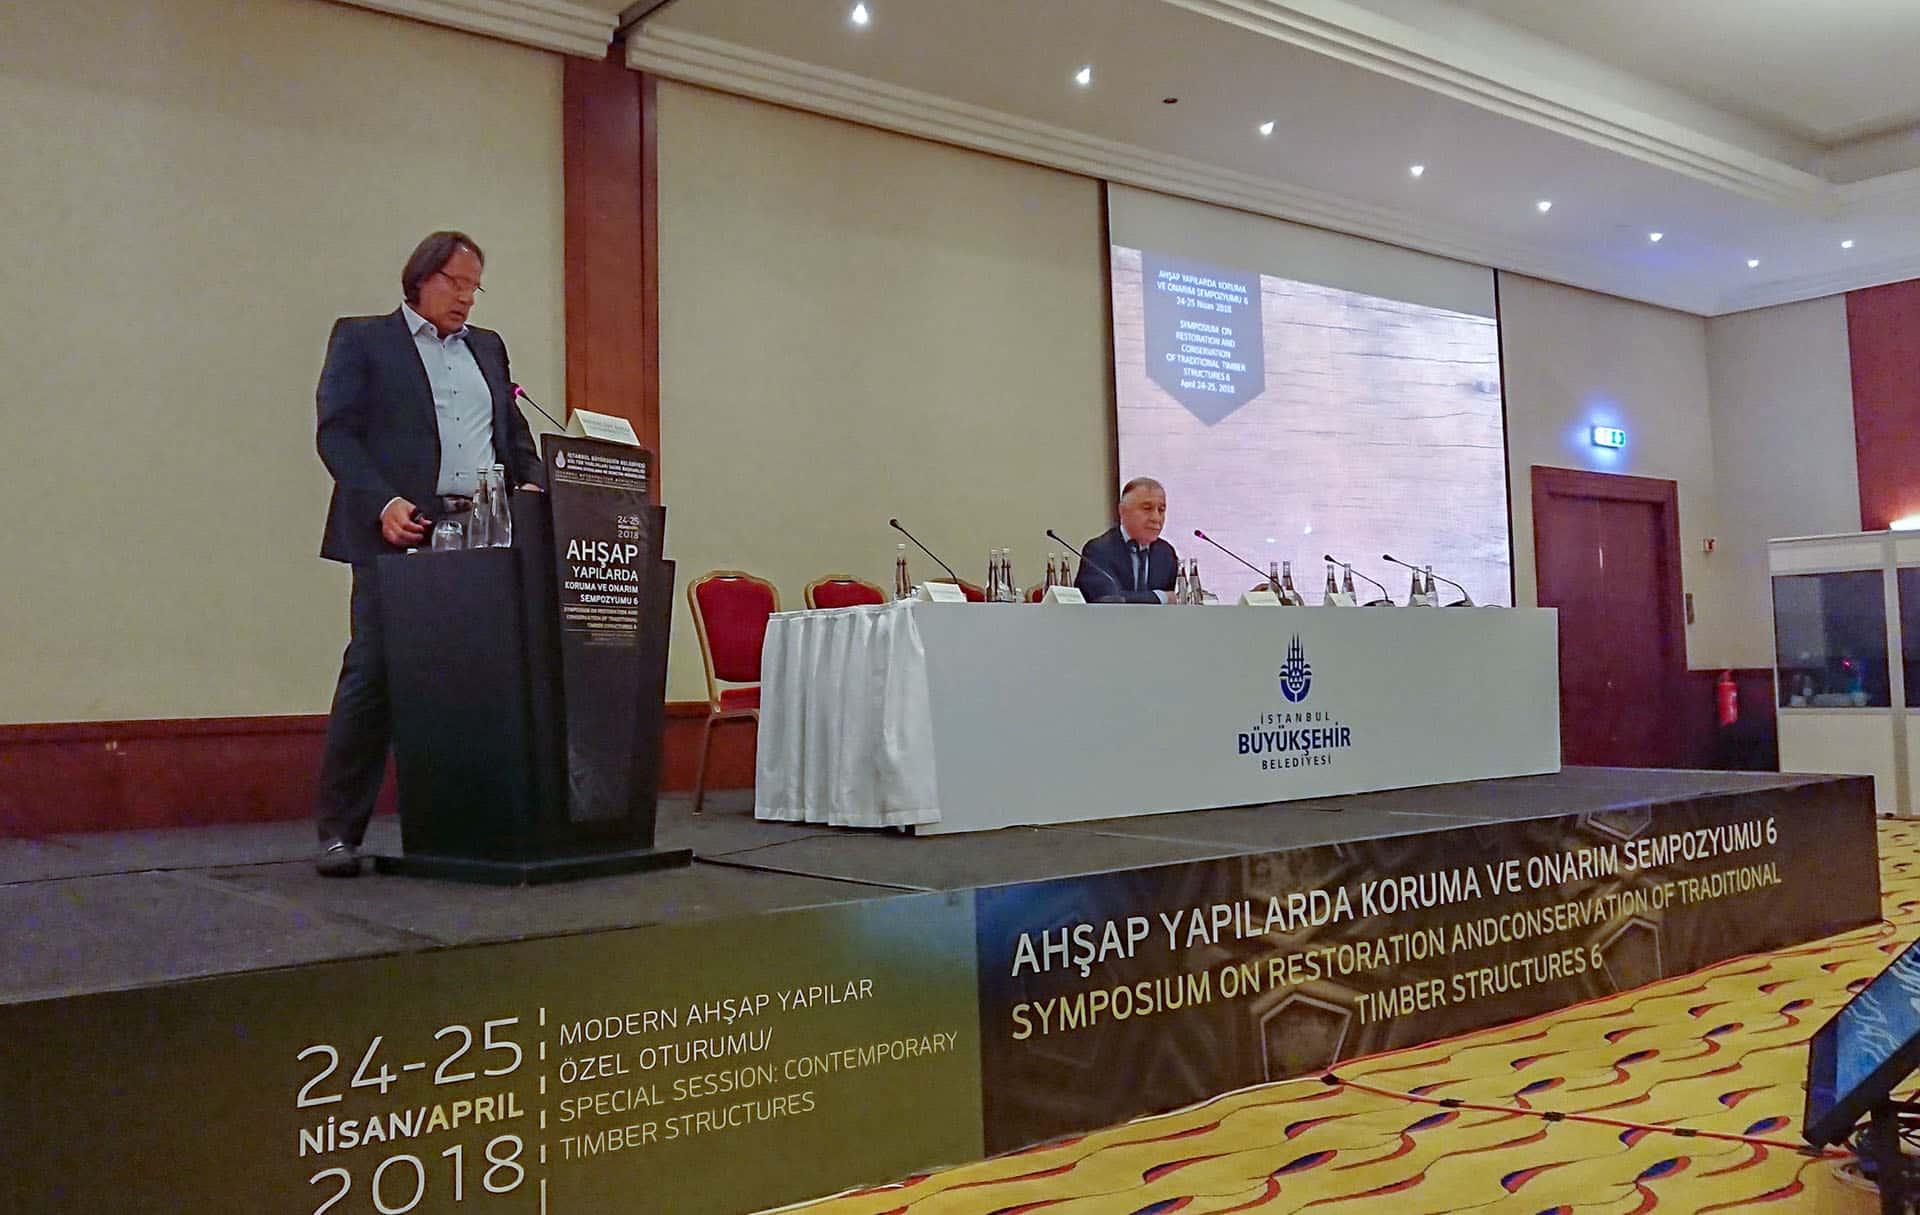 Mehmet Akif Asmaz - Ahşap Yapılarda Koruma ve Onarım Sempozyumu